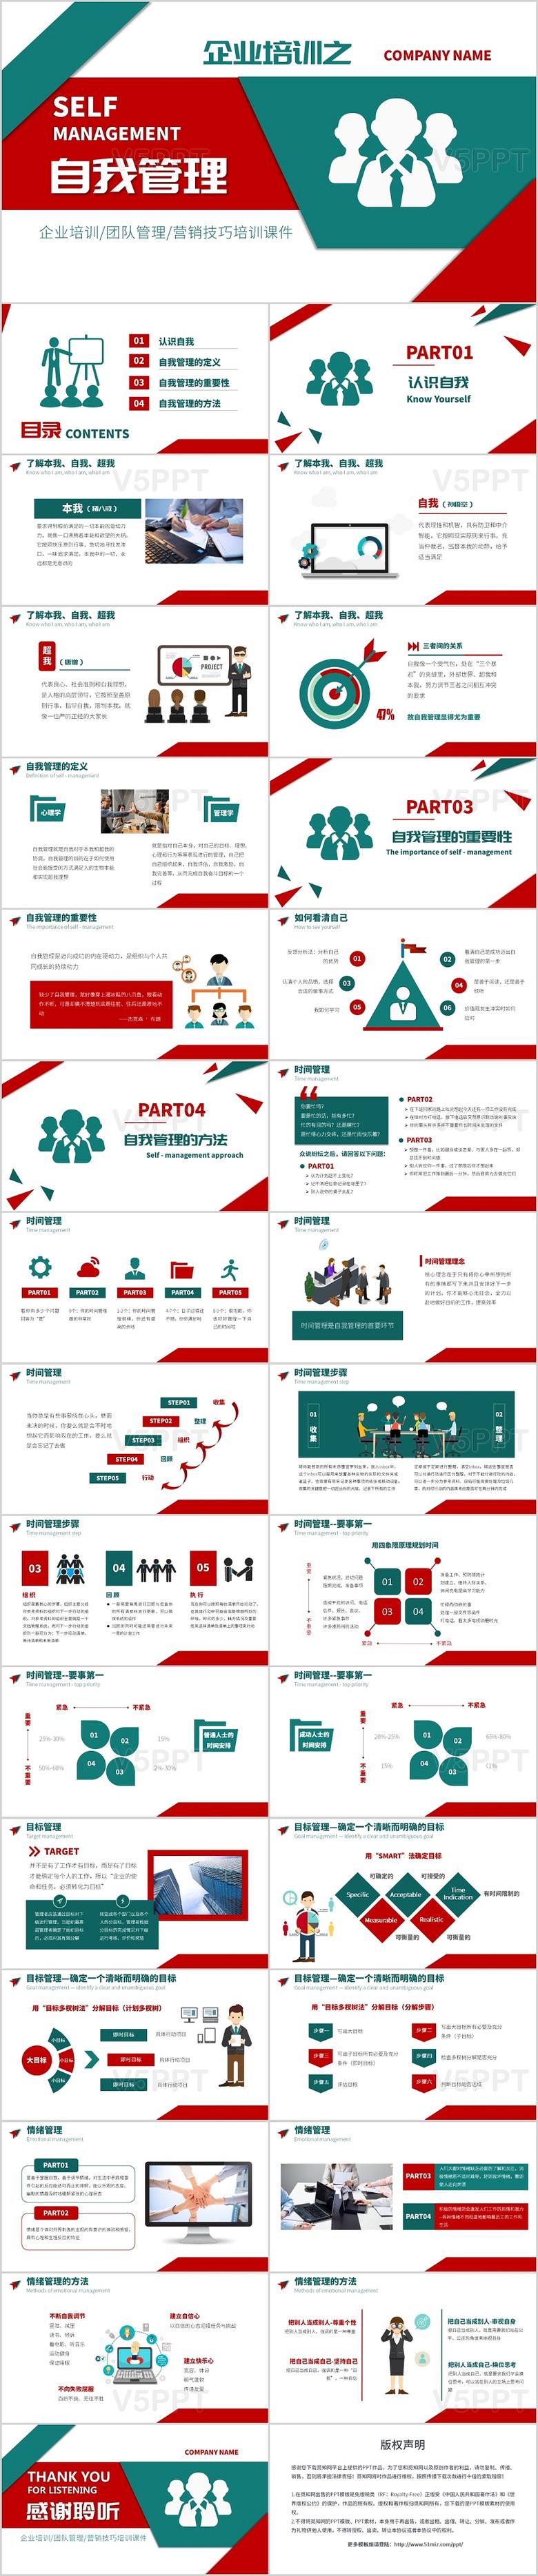 企业培训之自我管理ppt企业培训团队管理营销技巧PPT模板